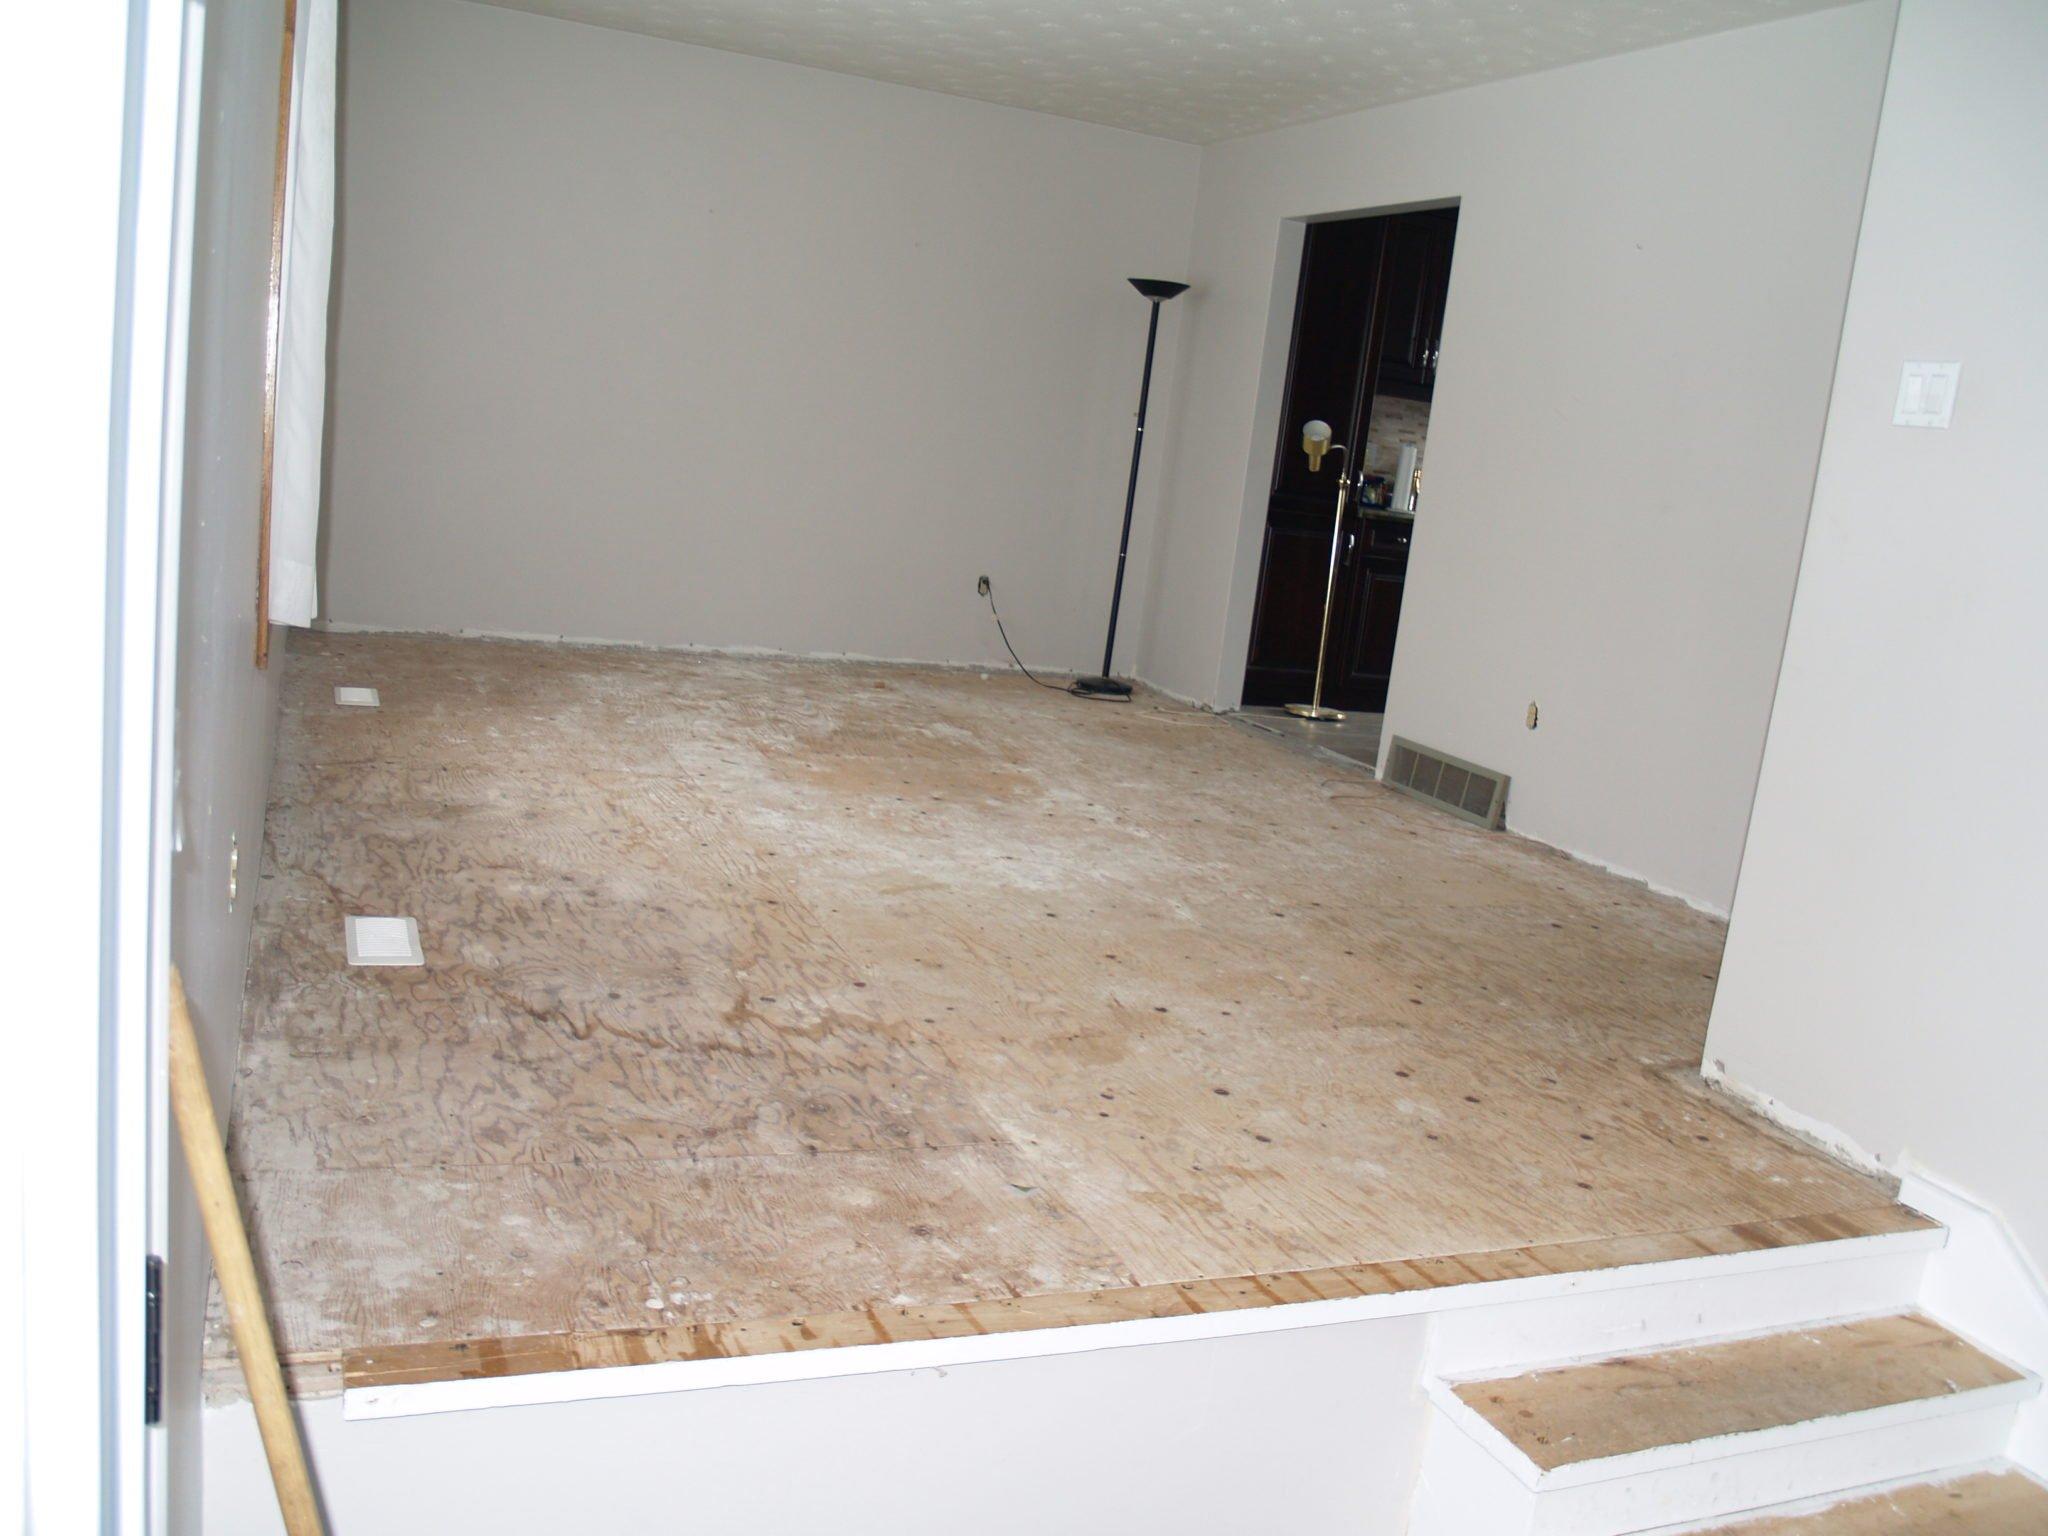 Floor - Stairs - Living room